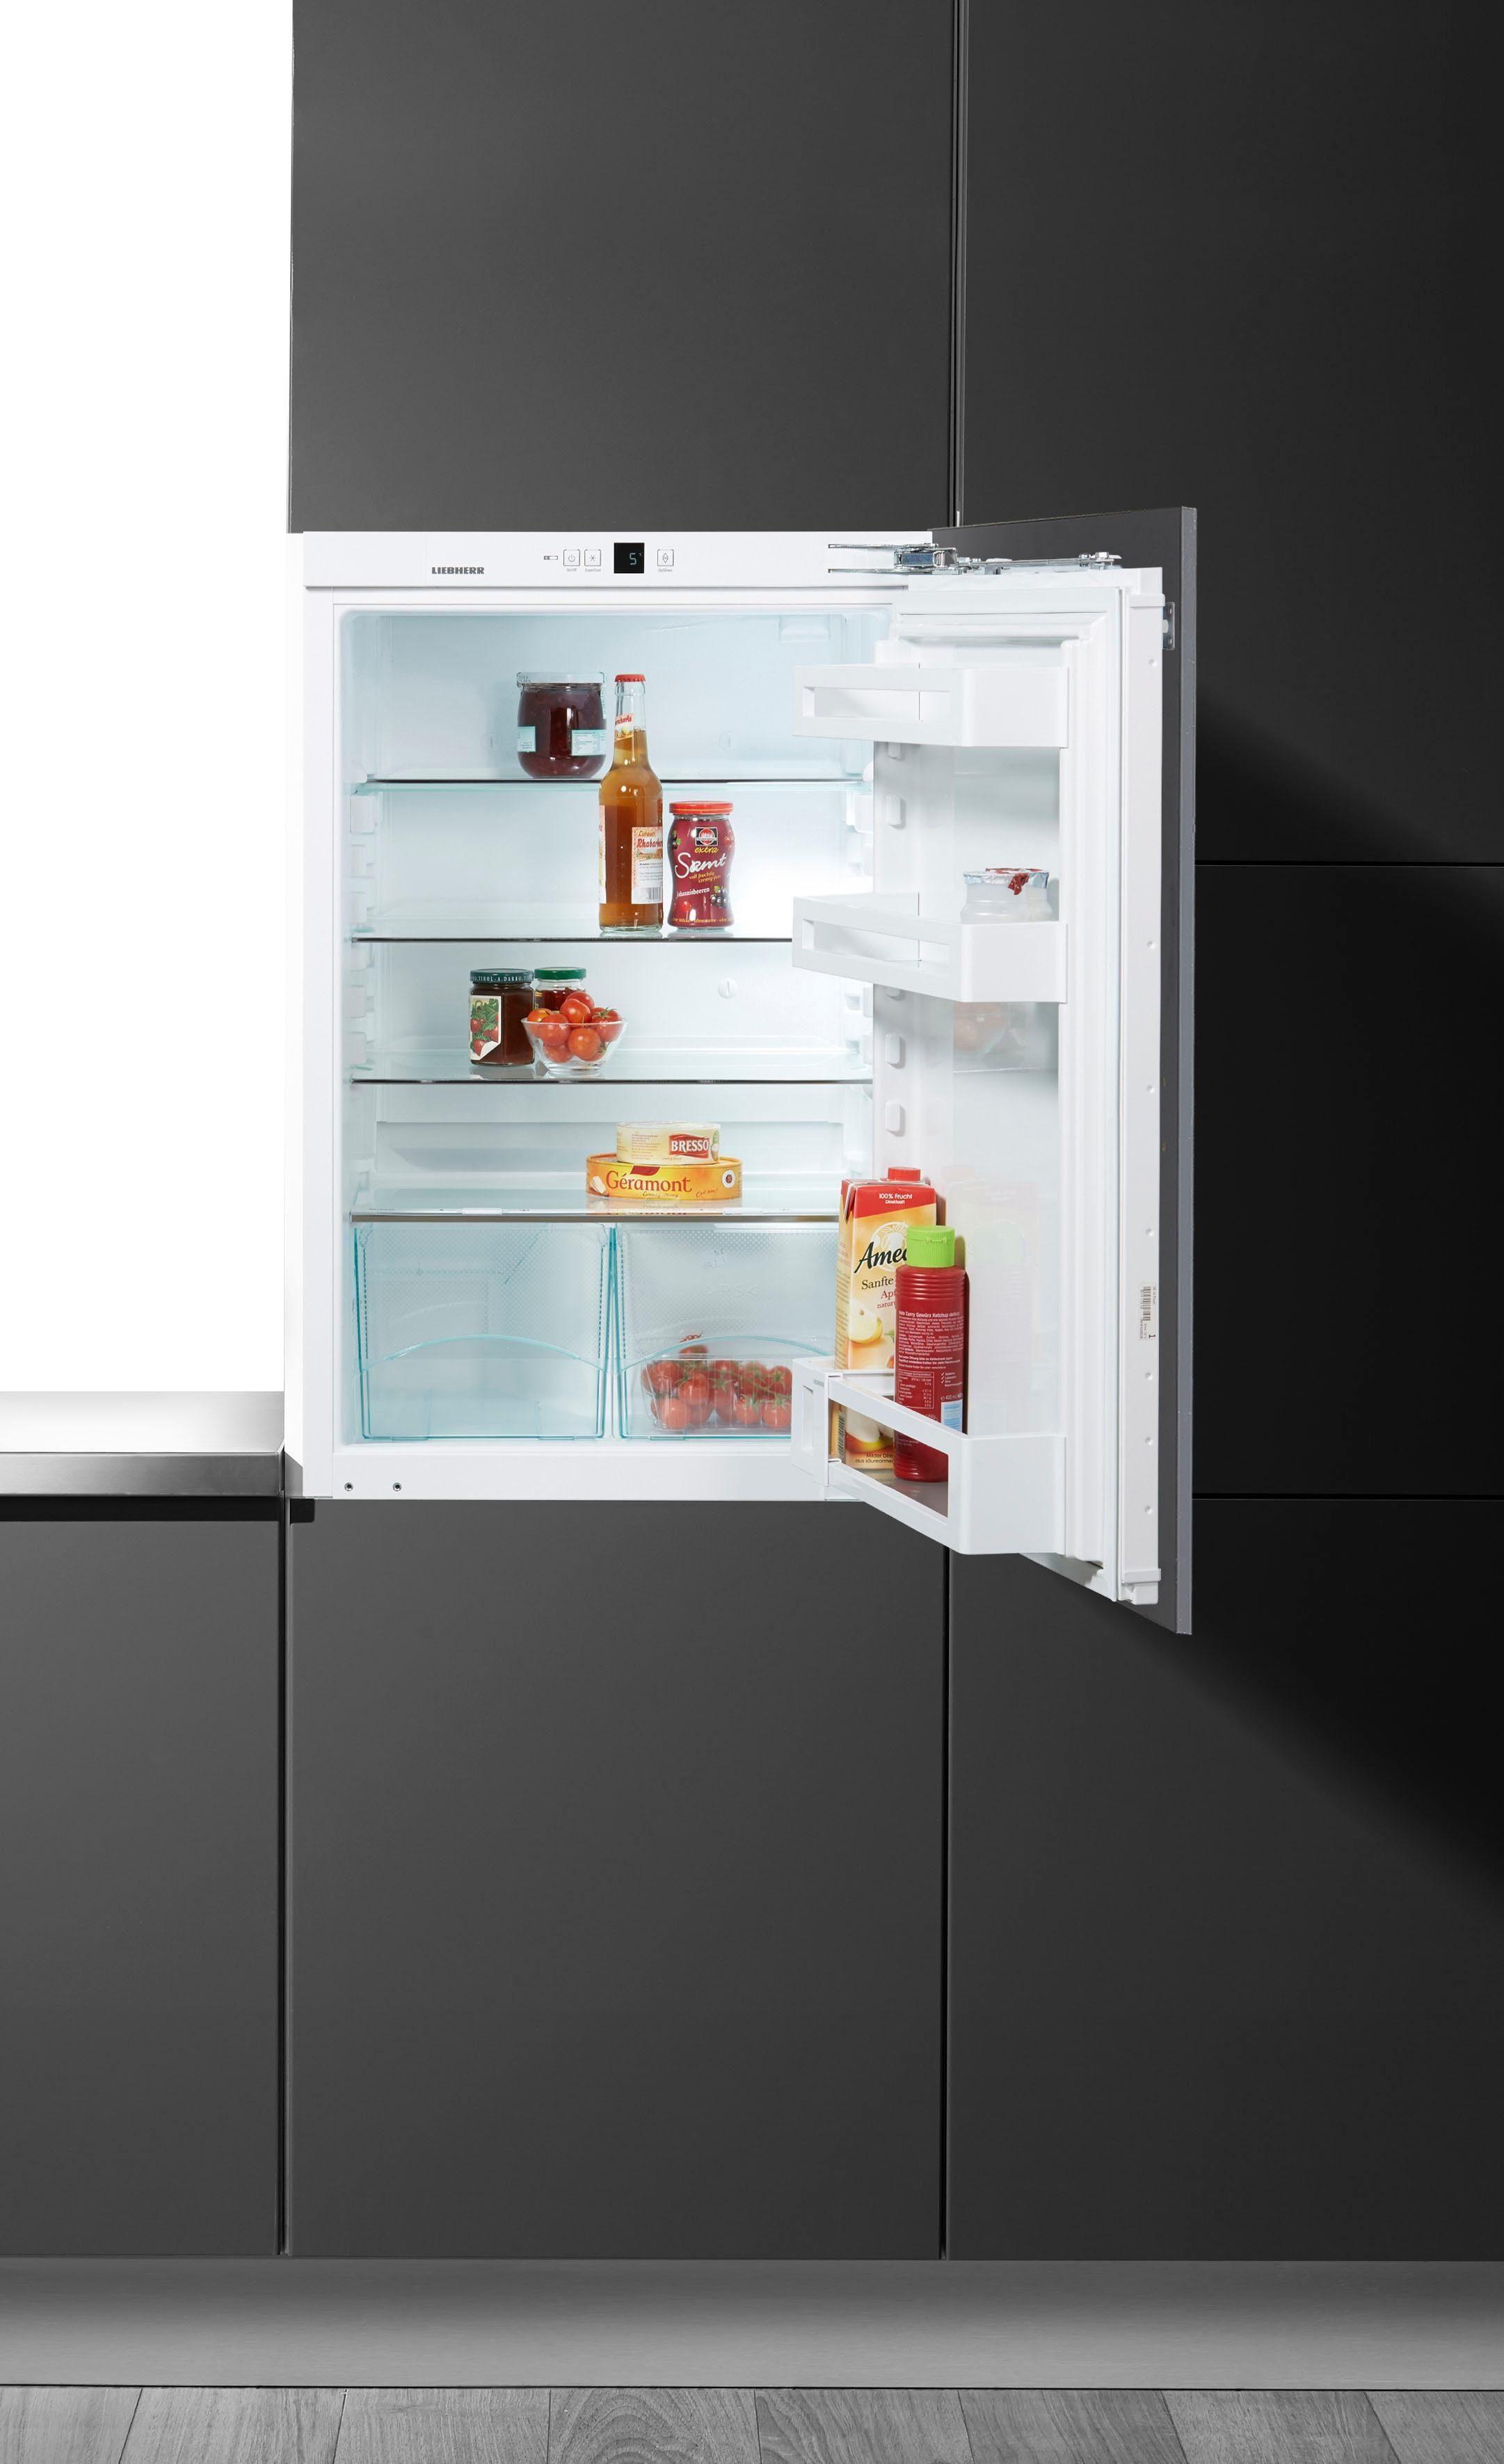 Liebherr Einbaukühlschrank IK 1620, 87,2 cm hoch, 55,9 cm breit, Energieklasse A++, 87,2 cm hoch, integrierbar